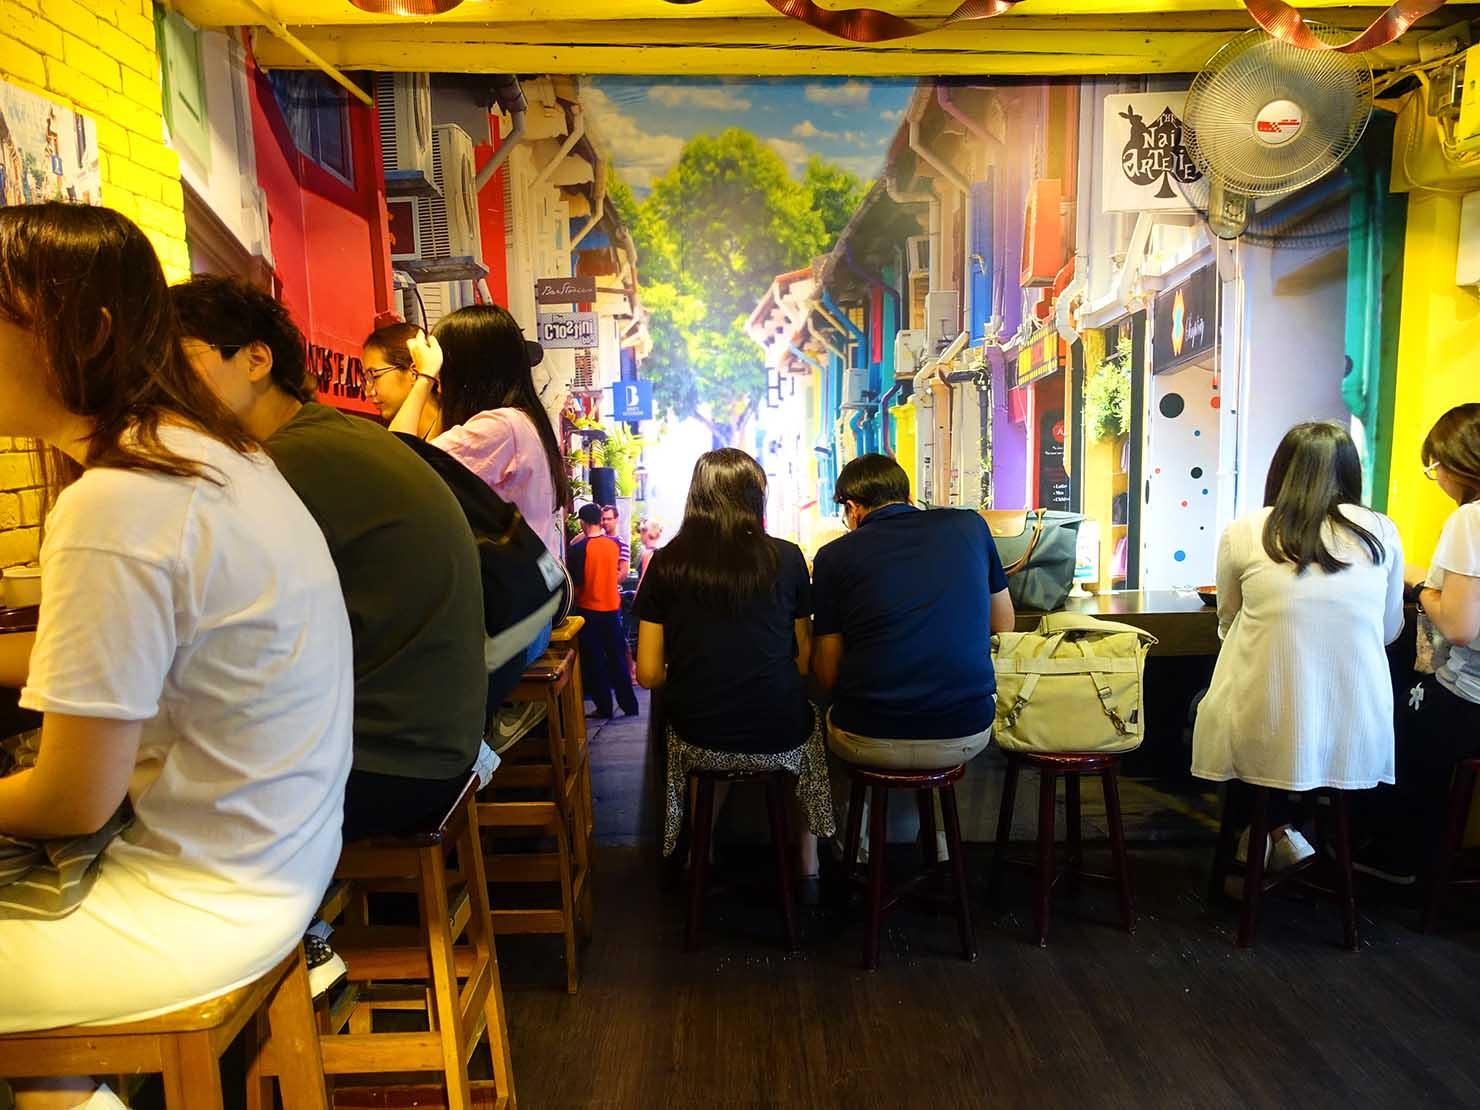 台北・中山駅周辺のおすすめグルメ店「甘榜馳名海南鶏飯」の店内